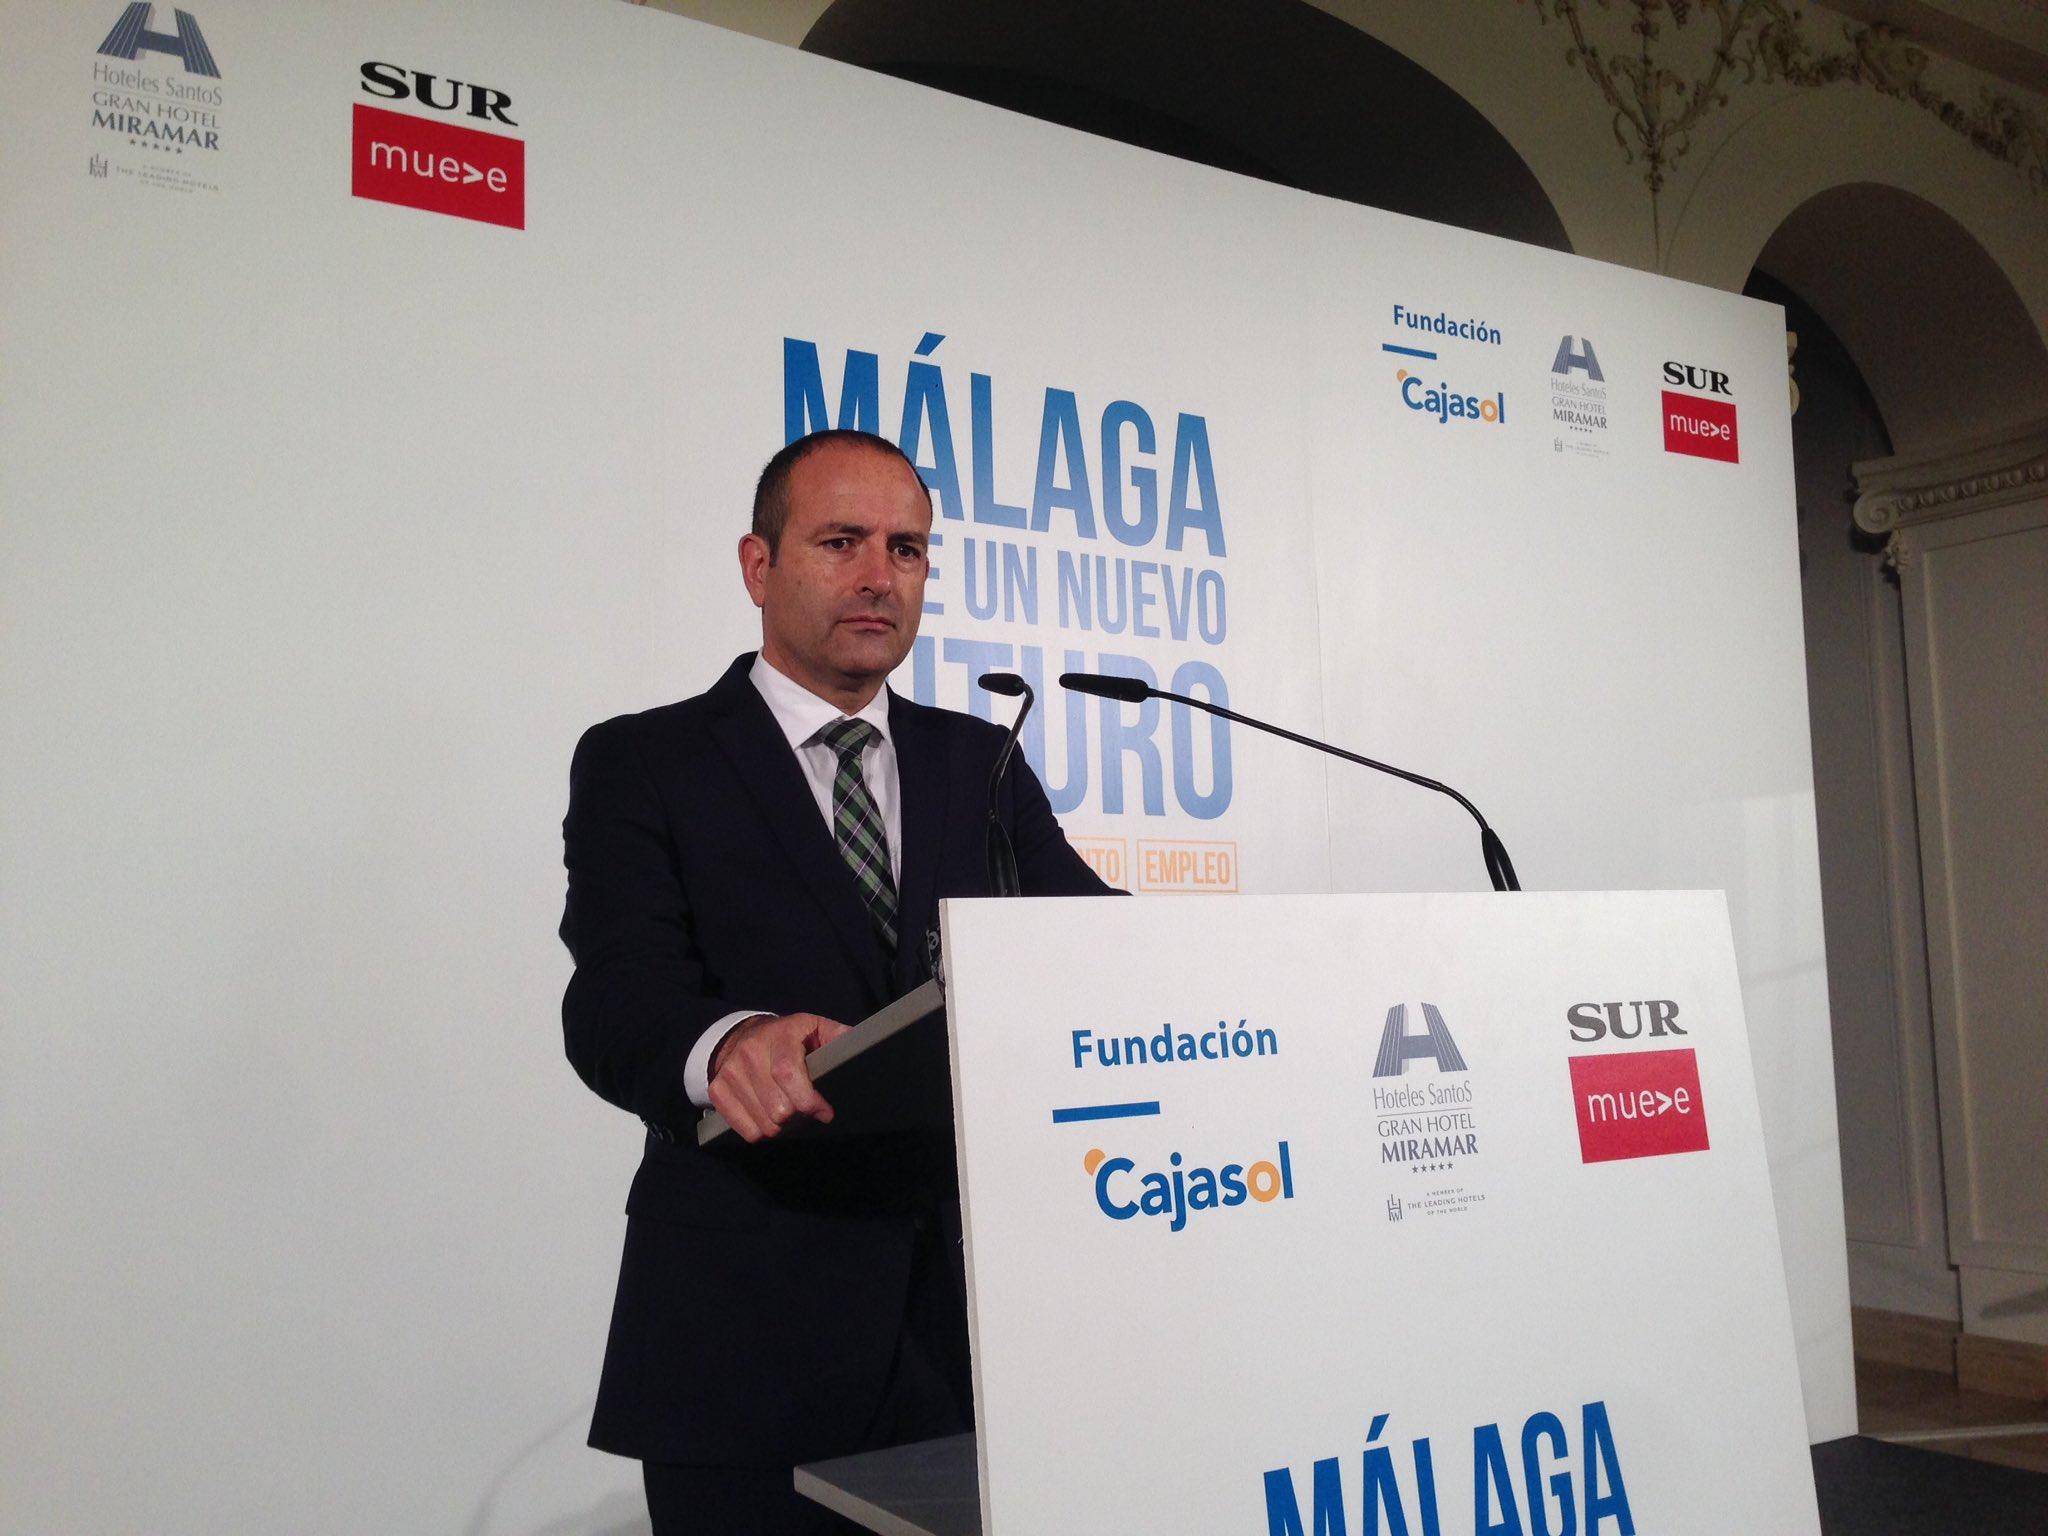 Manuel Castillo, director del Diario Sur,  en 'Málaga ante un nuevo futuro'